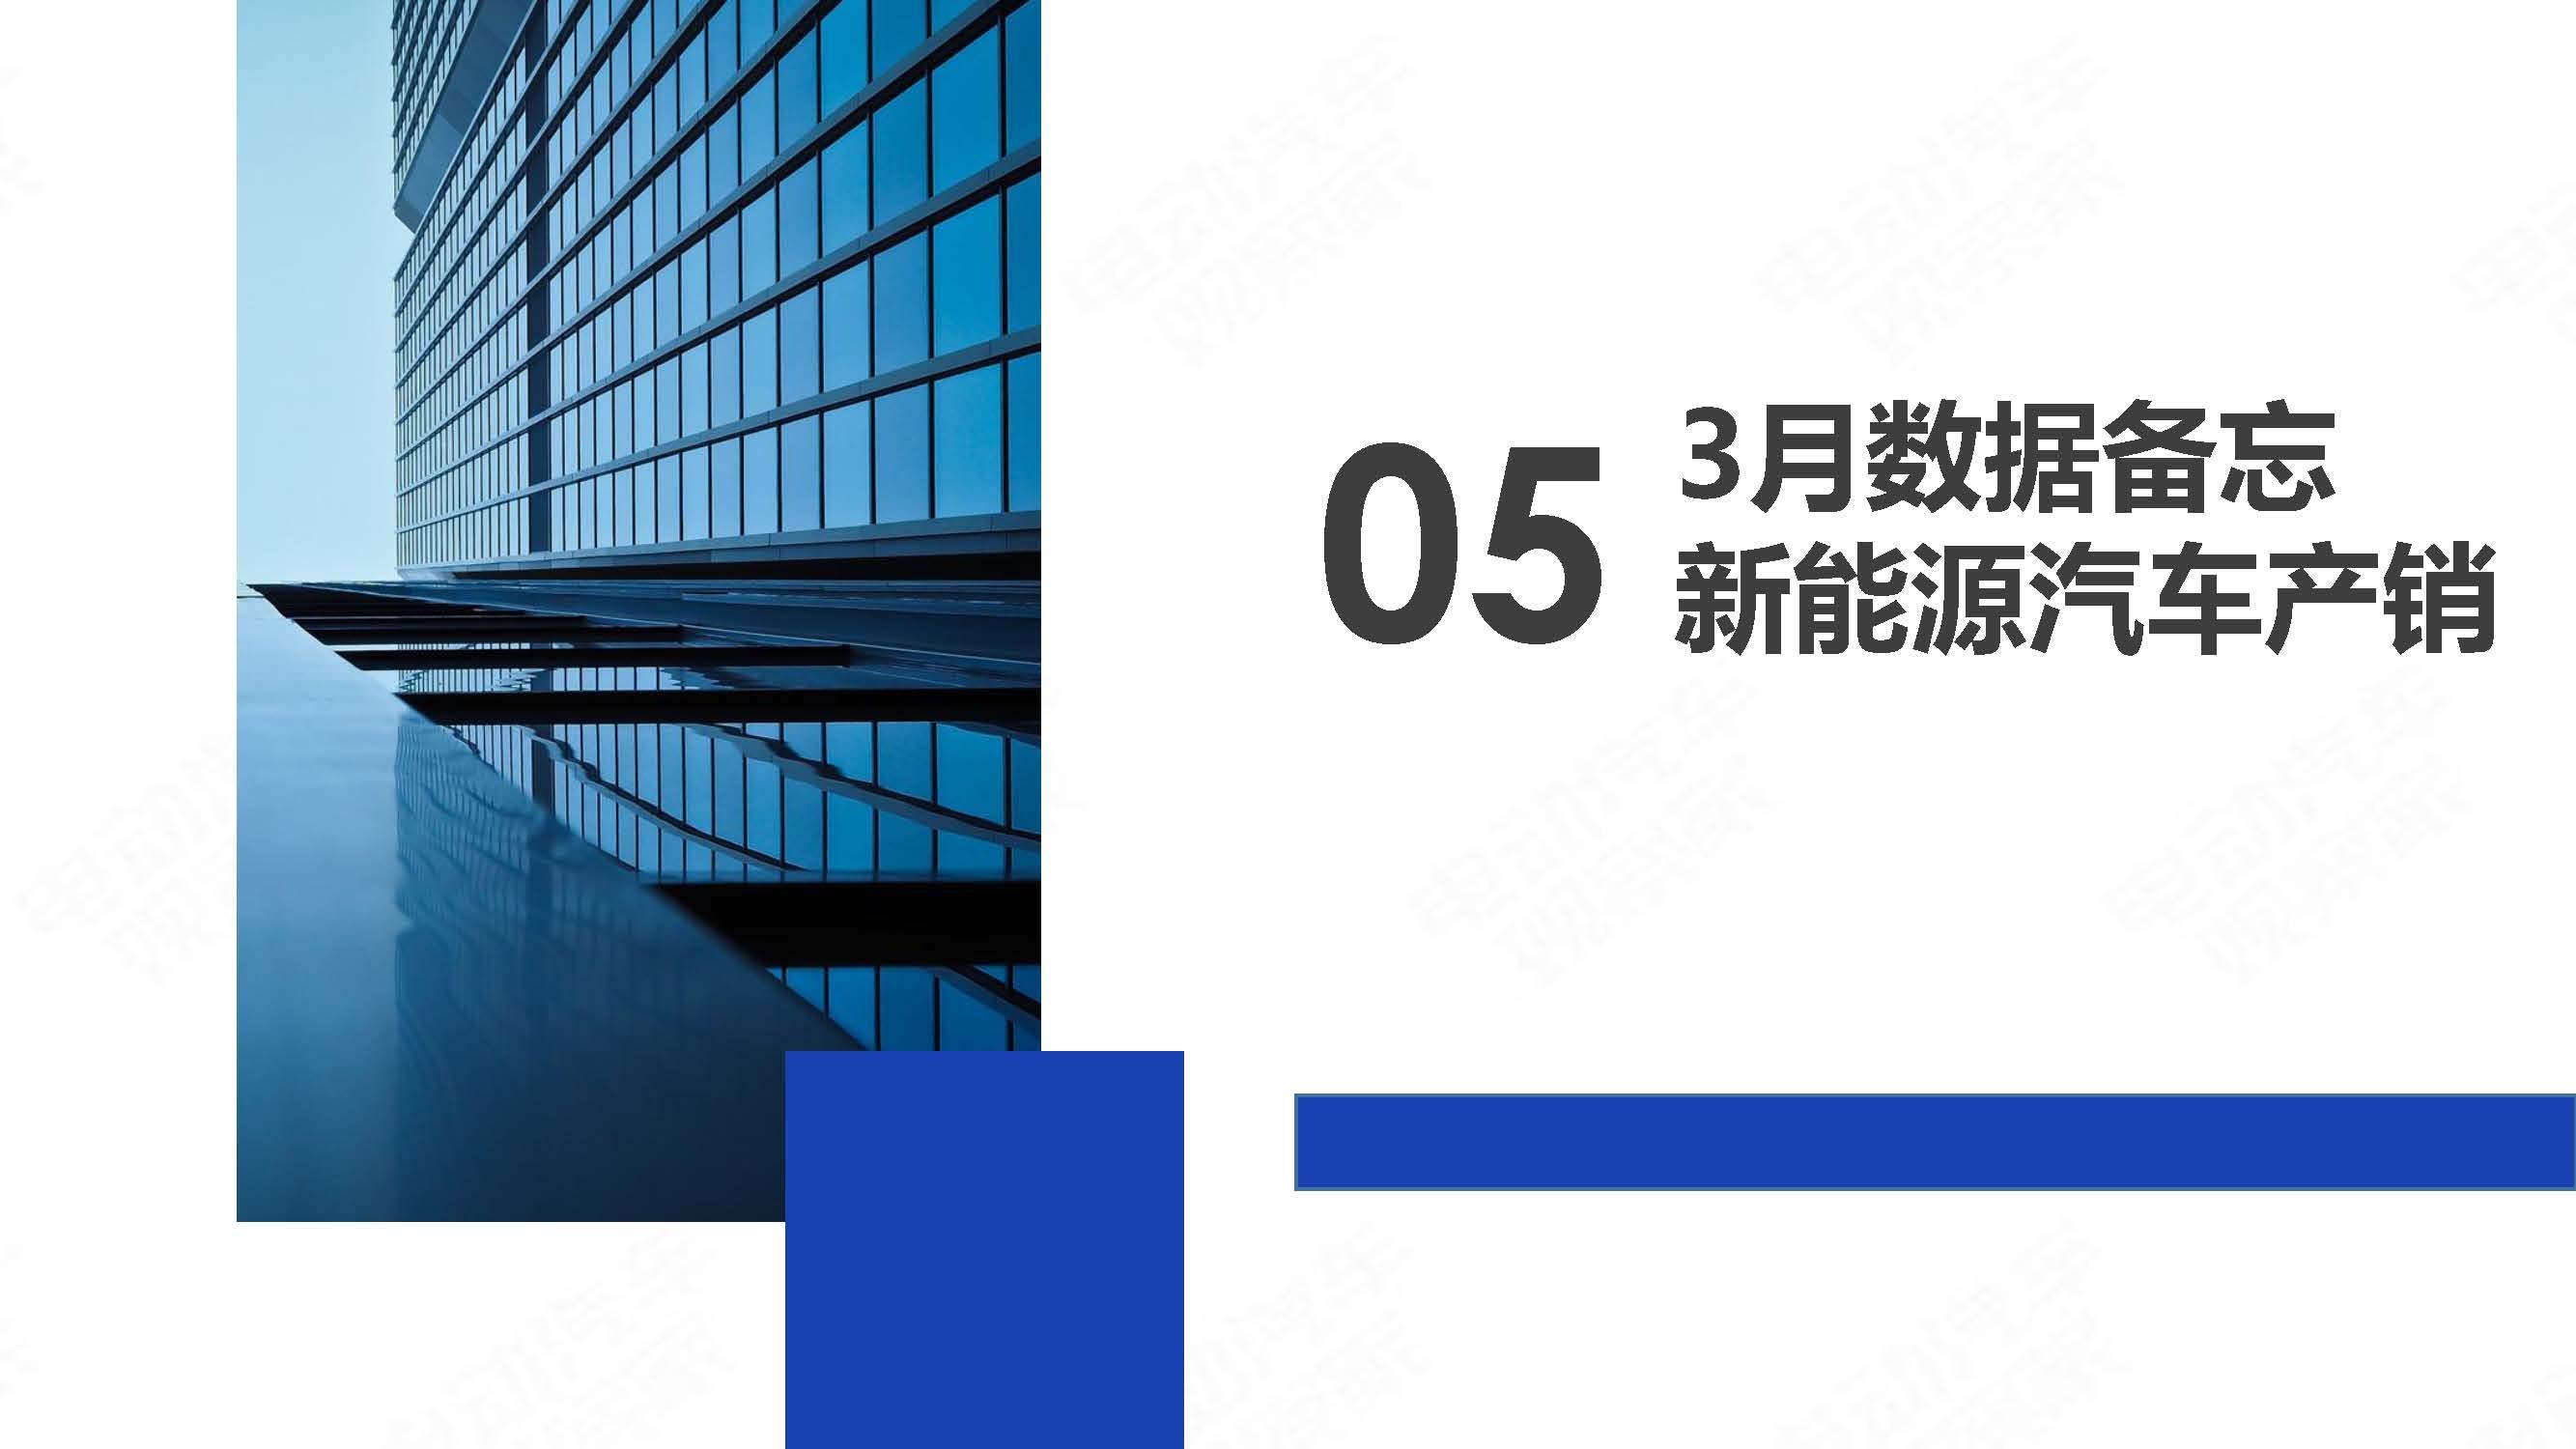 中国新能源汽车产业观察2020年3月简版_页面_34